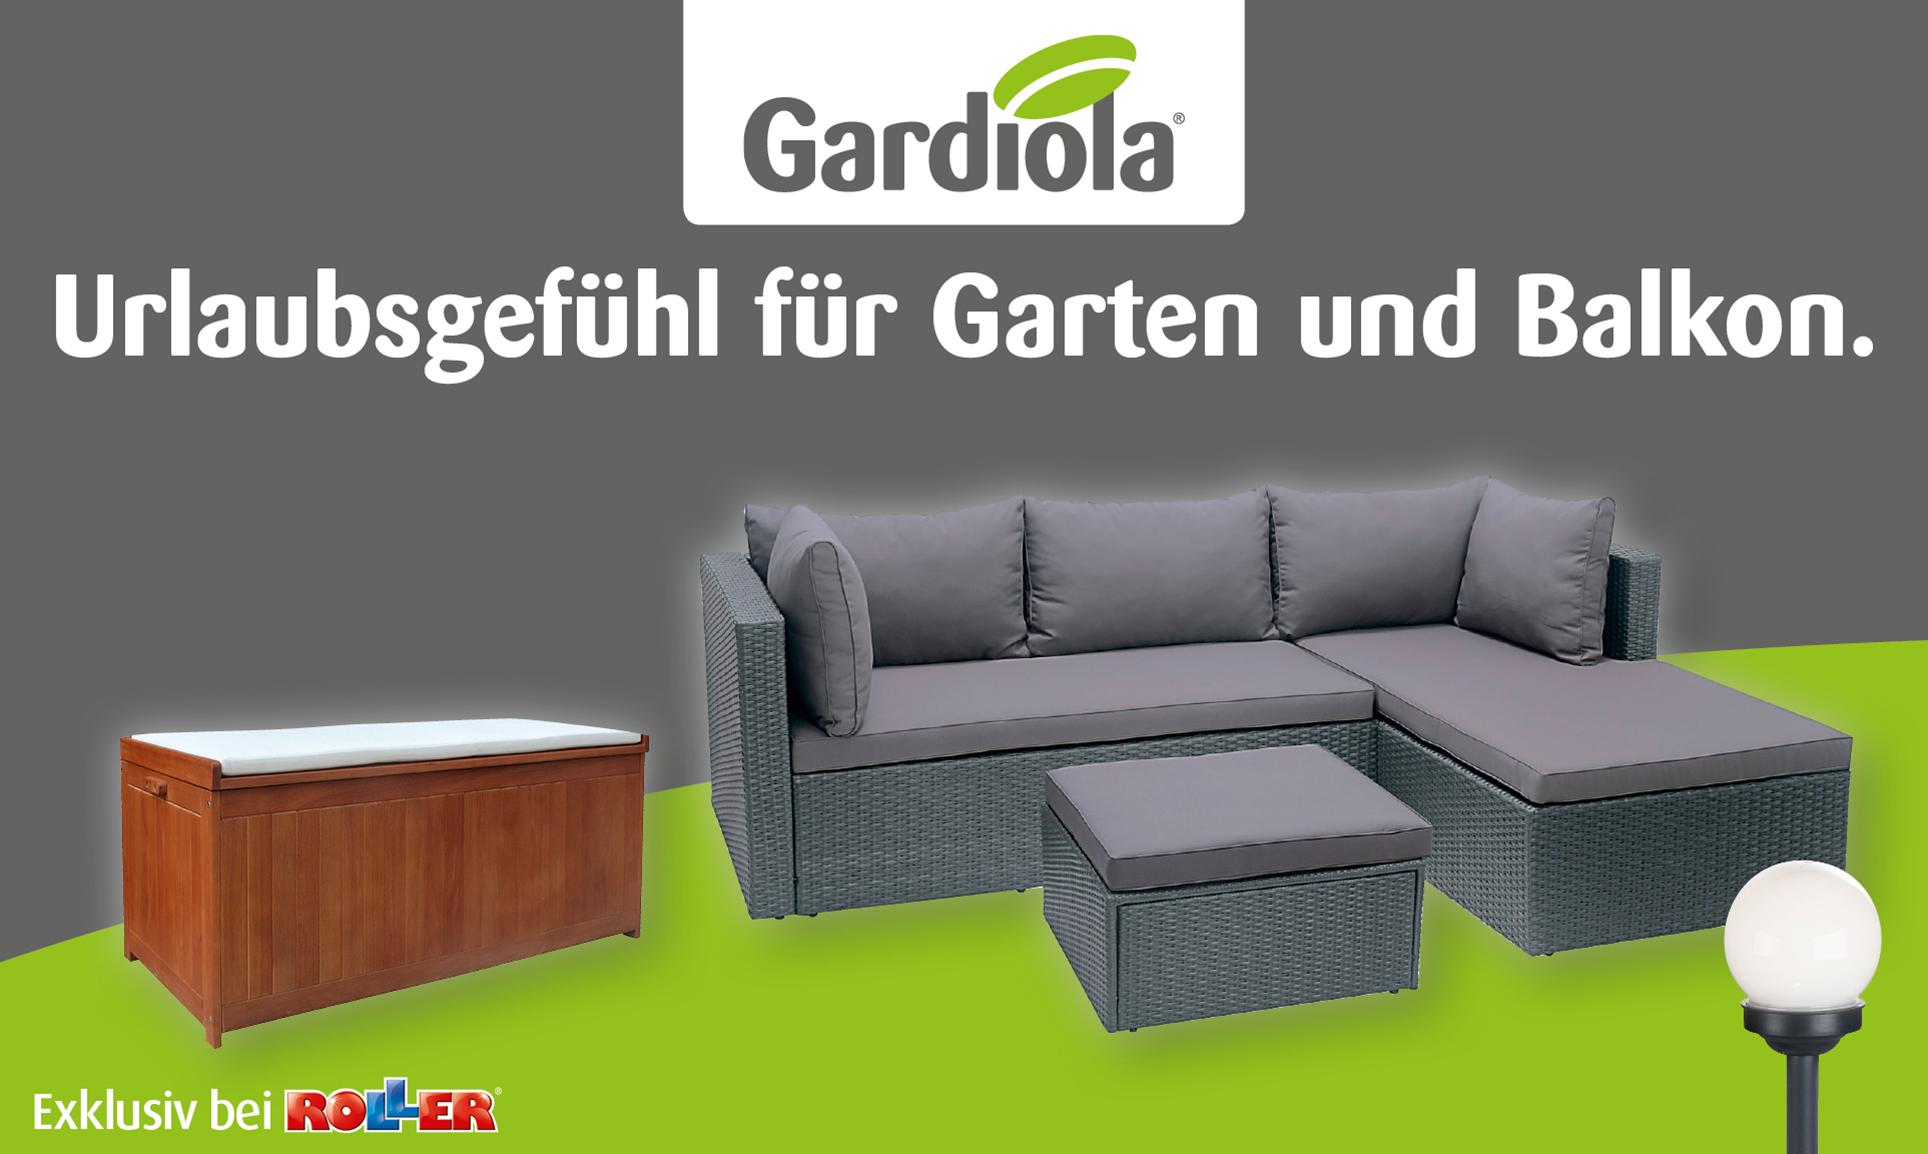 Gardiola Marken Roller Mobelhaus